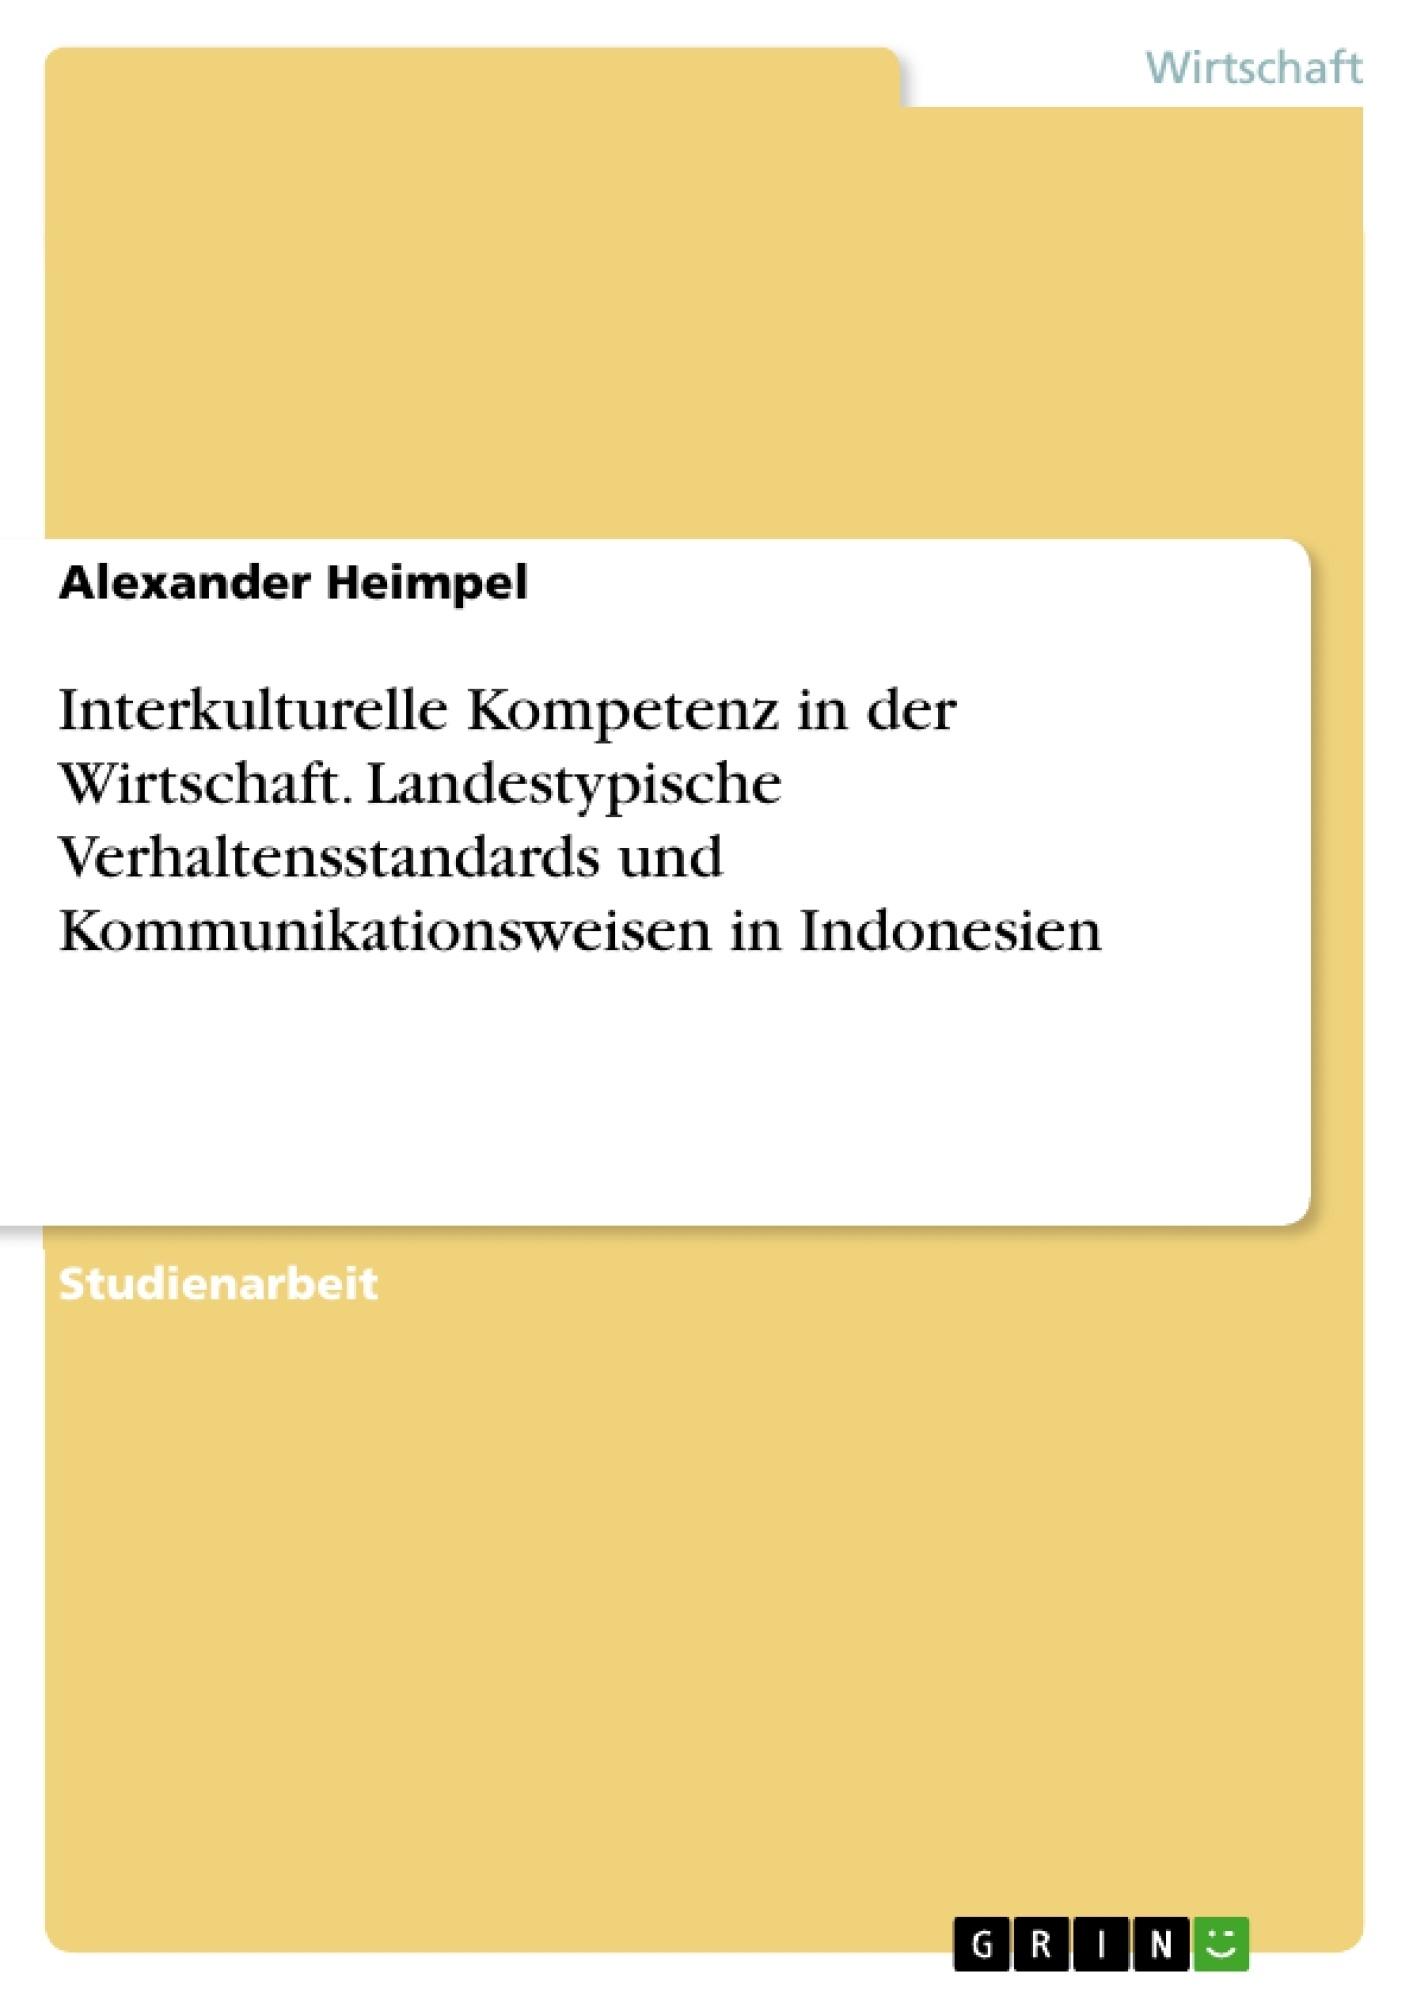 Titel: Interkulturelle Kompetenz in der Wirtschaft. Landestypische Verhaltensstandards und Kommunikationsweisen in Indonesien